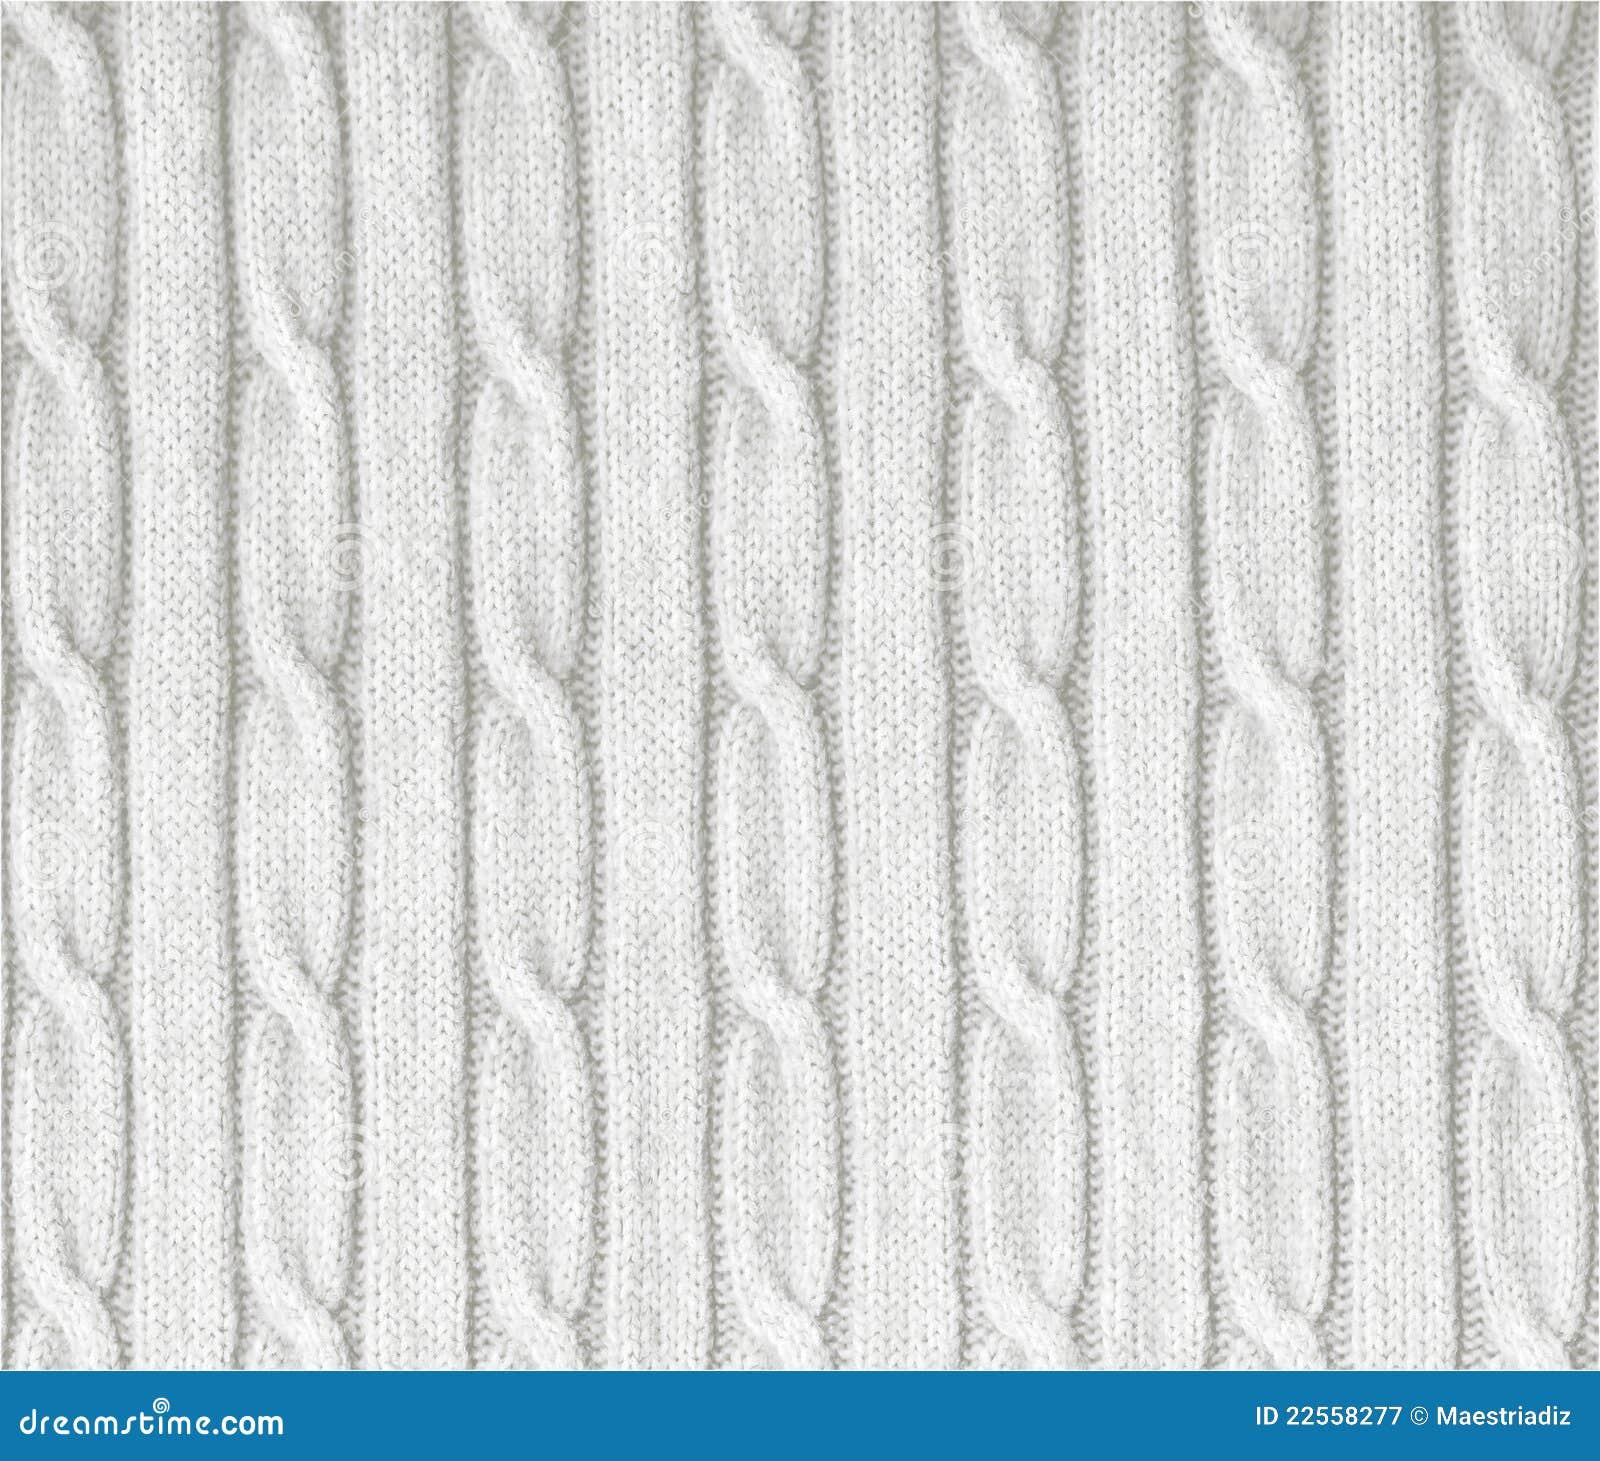 Textura blanca hecha punto imagen de archivo. Imagen de hermoso ...